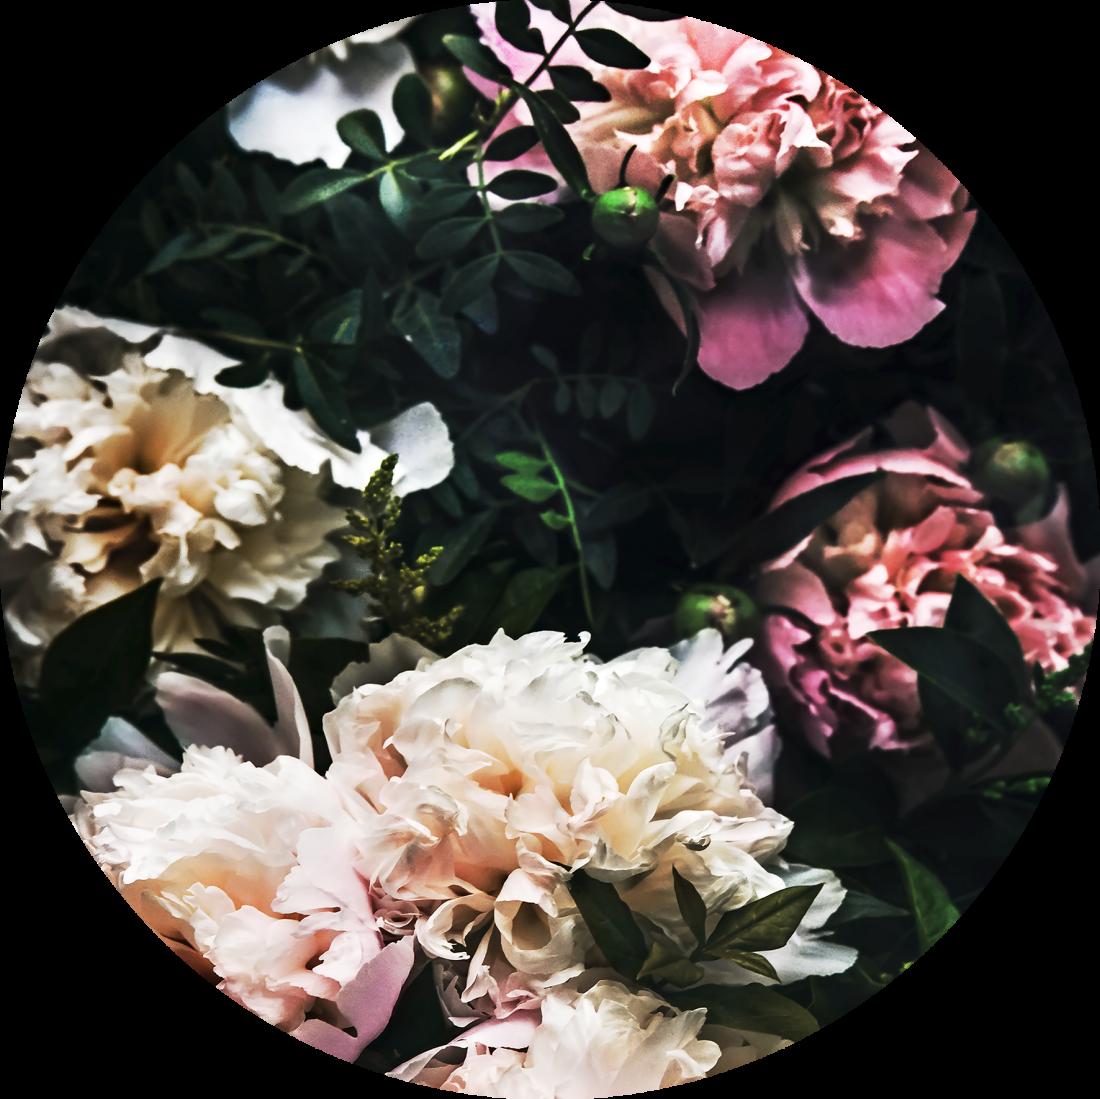 Fotokunst rond kleurrijke bloemen glas 50x50